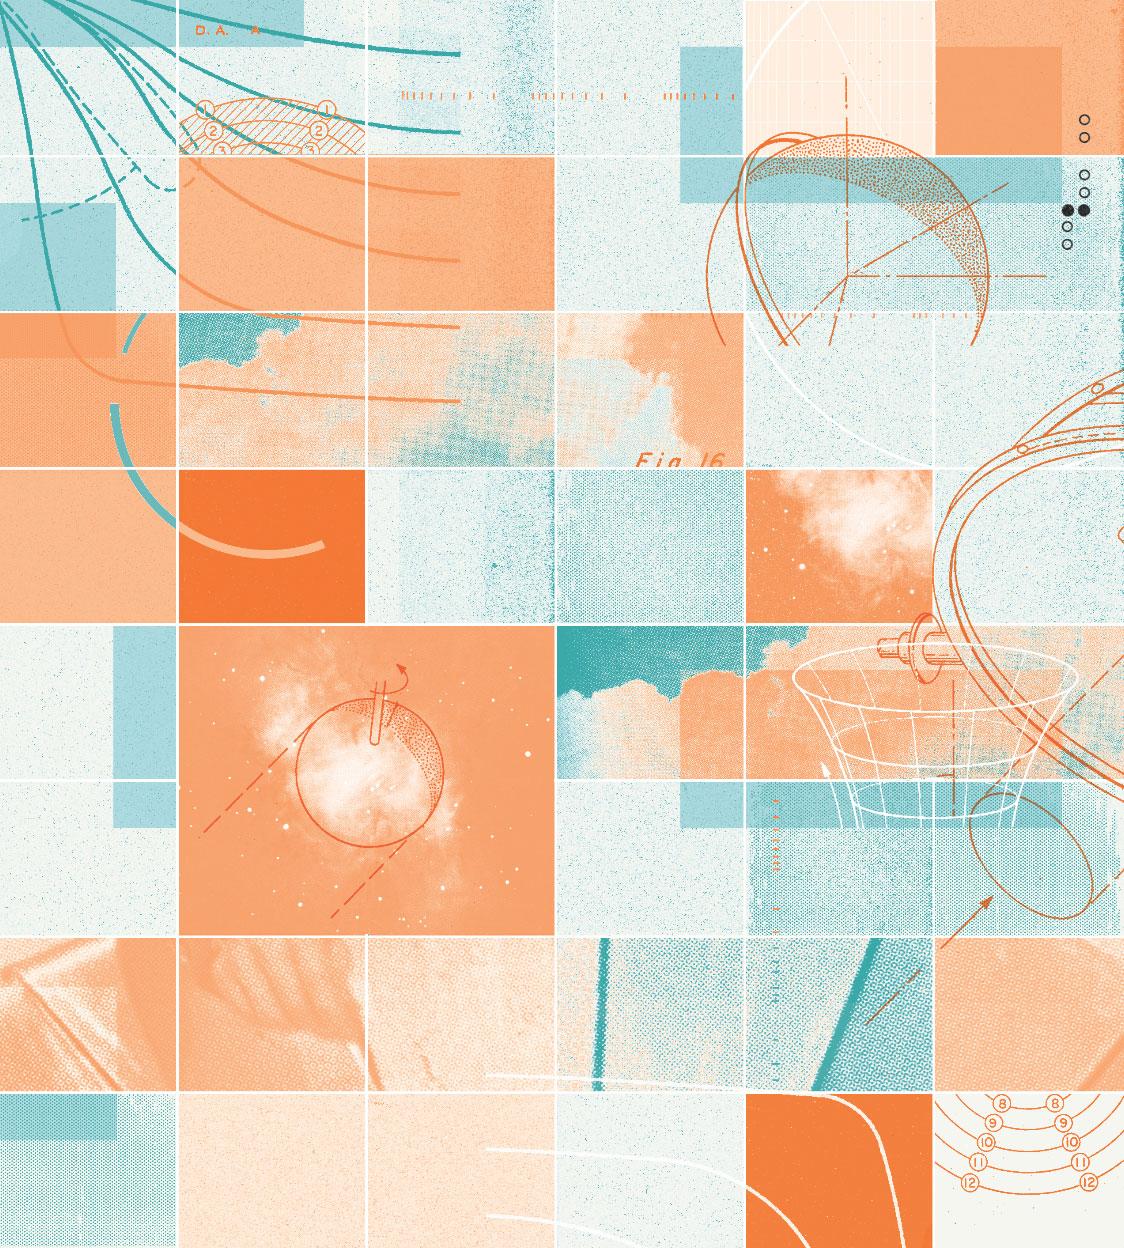 Caltech_Illo04FosterFrances.jpg